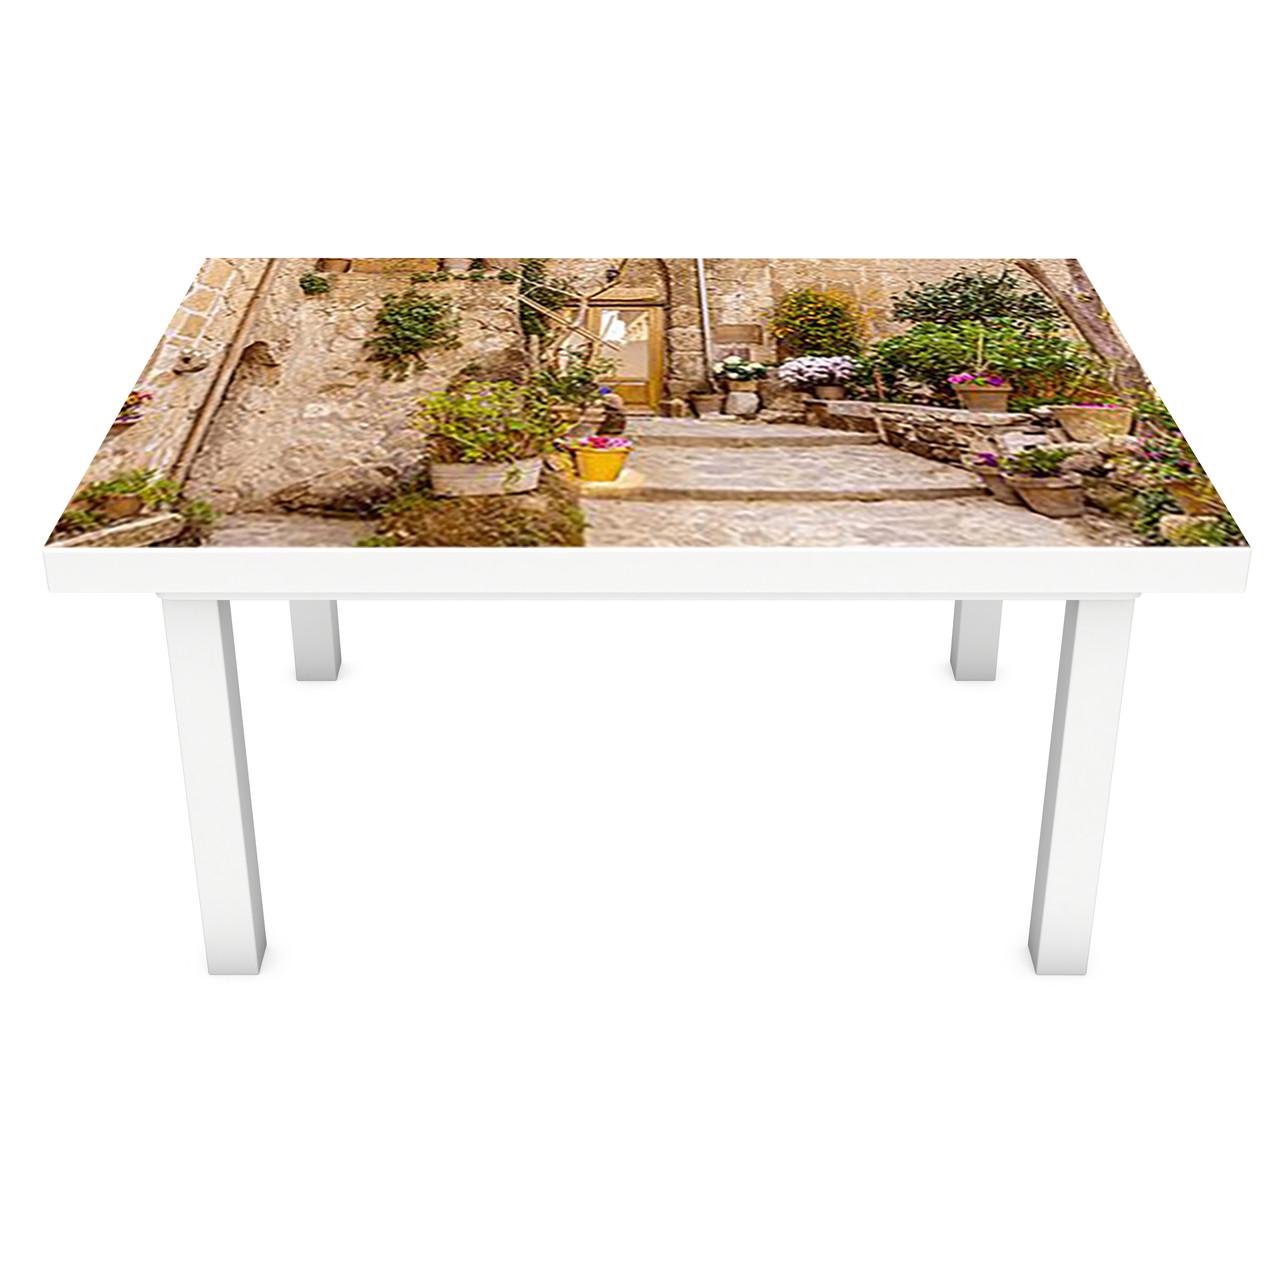 Наклейка на стіл Двері в Прованс ПВХ інтер'єрна плівка для меблів кам'яні вулиці Бежевий 600*1200 мм